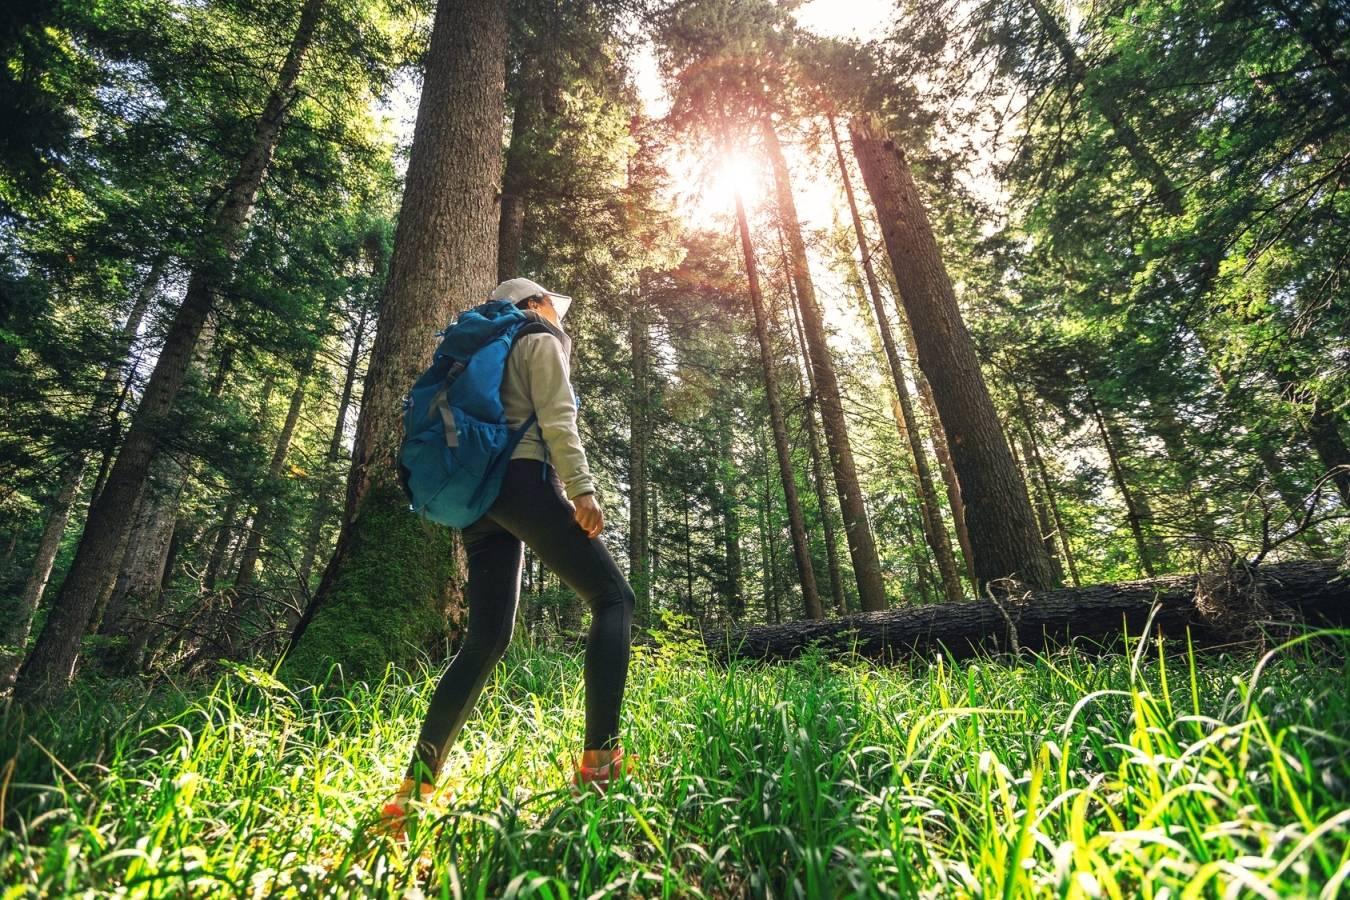 Kontakt z naturą pomaga zmniejszyć poziom stresu.